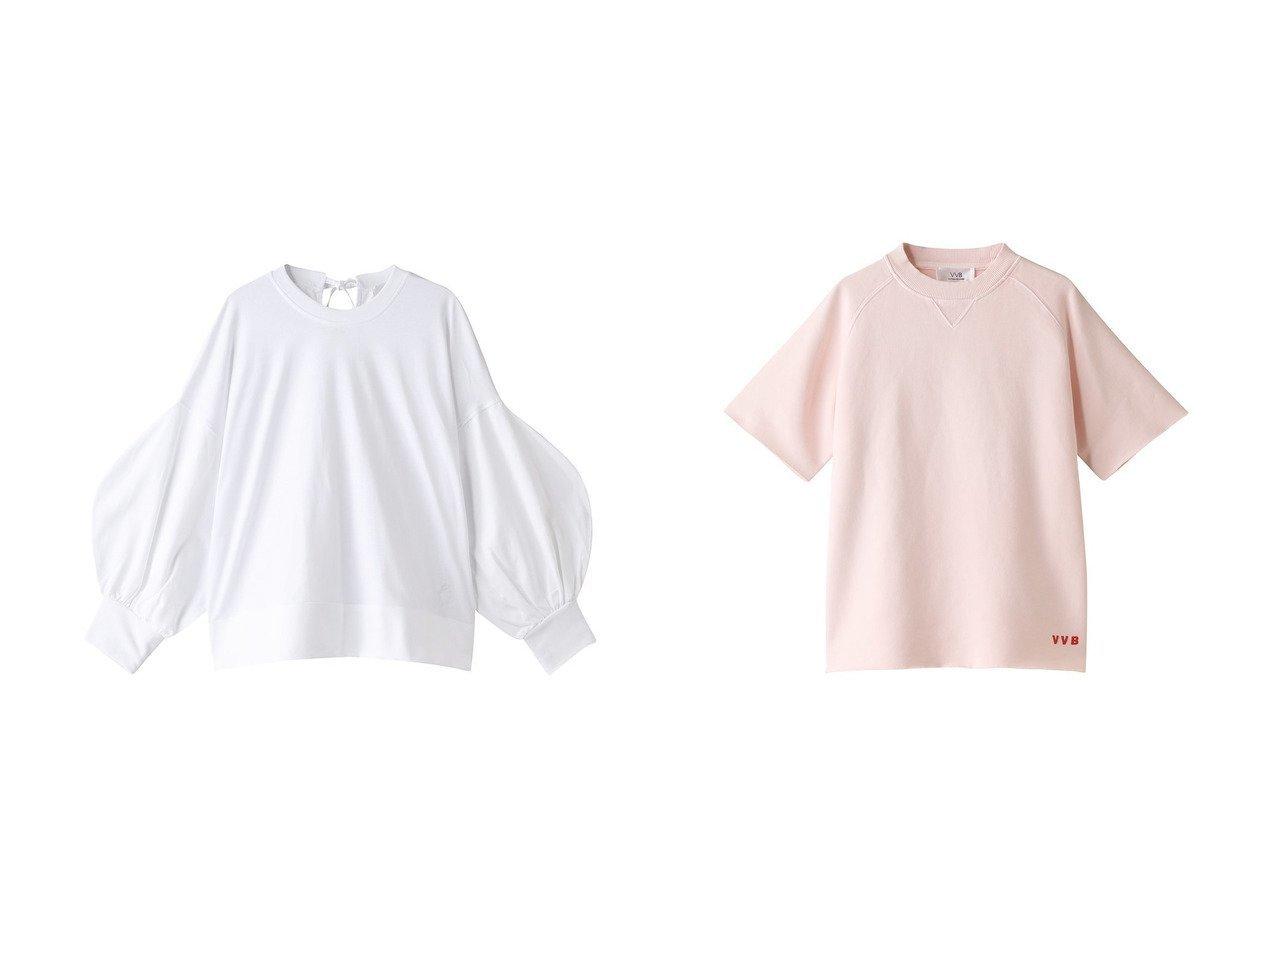 【VVB/ヴィヴィビー】のボリュームスリーブシャツ&ショートスリーブスウェットシャツ 【トップス・カットソー】おすすめ!人気、トレンド・レディースファッションの通販 おすすめで人気の流行・トレンド、ファッションの通販商品 インテリア・家具・メンズファッション・キッズファッション・レディースファッション・服の通販 founy(ファニー) https://founy.com/ ファッション Fashion レディースファッション WOMEN トップス・カットソー Tops/Tshirt シャツ/ブラウス Shirts/Blouses ロング / Tシャツ T-Shirts カットソー Cut and Sewn ボリュームスリーブ / フリル袖 Volume Sleeve パーカ Sweats スウェット Sweat 2020年 2020 2020-2021秋冬・A/W AW・Autumn/Winter・FW・Fall-Winter/2020-2021 2021年 2021 2021-2022秋冬・A/W AW・Autumn/Winter・FW・Fall-Winter・2021-2022 A/W・秋冬 AW・Autumn/Winter・FW・Fall-Winter シンプル スリーブ リボン ロング サマー ショート  ID:crp329100000061772